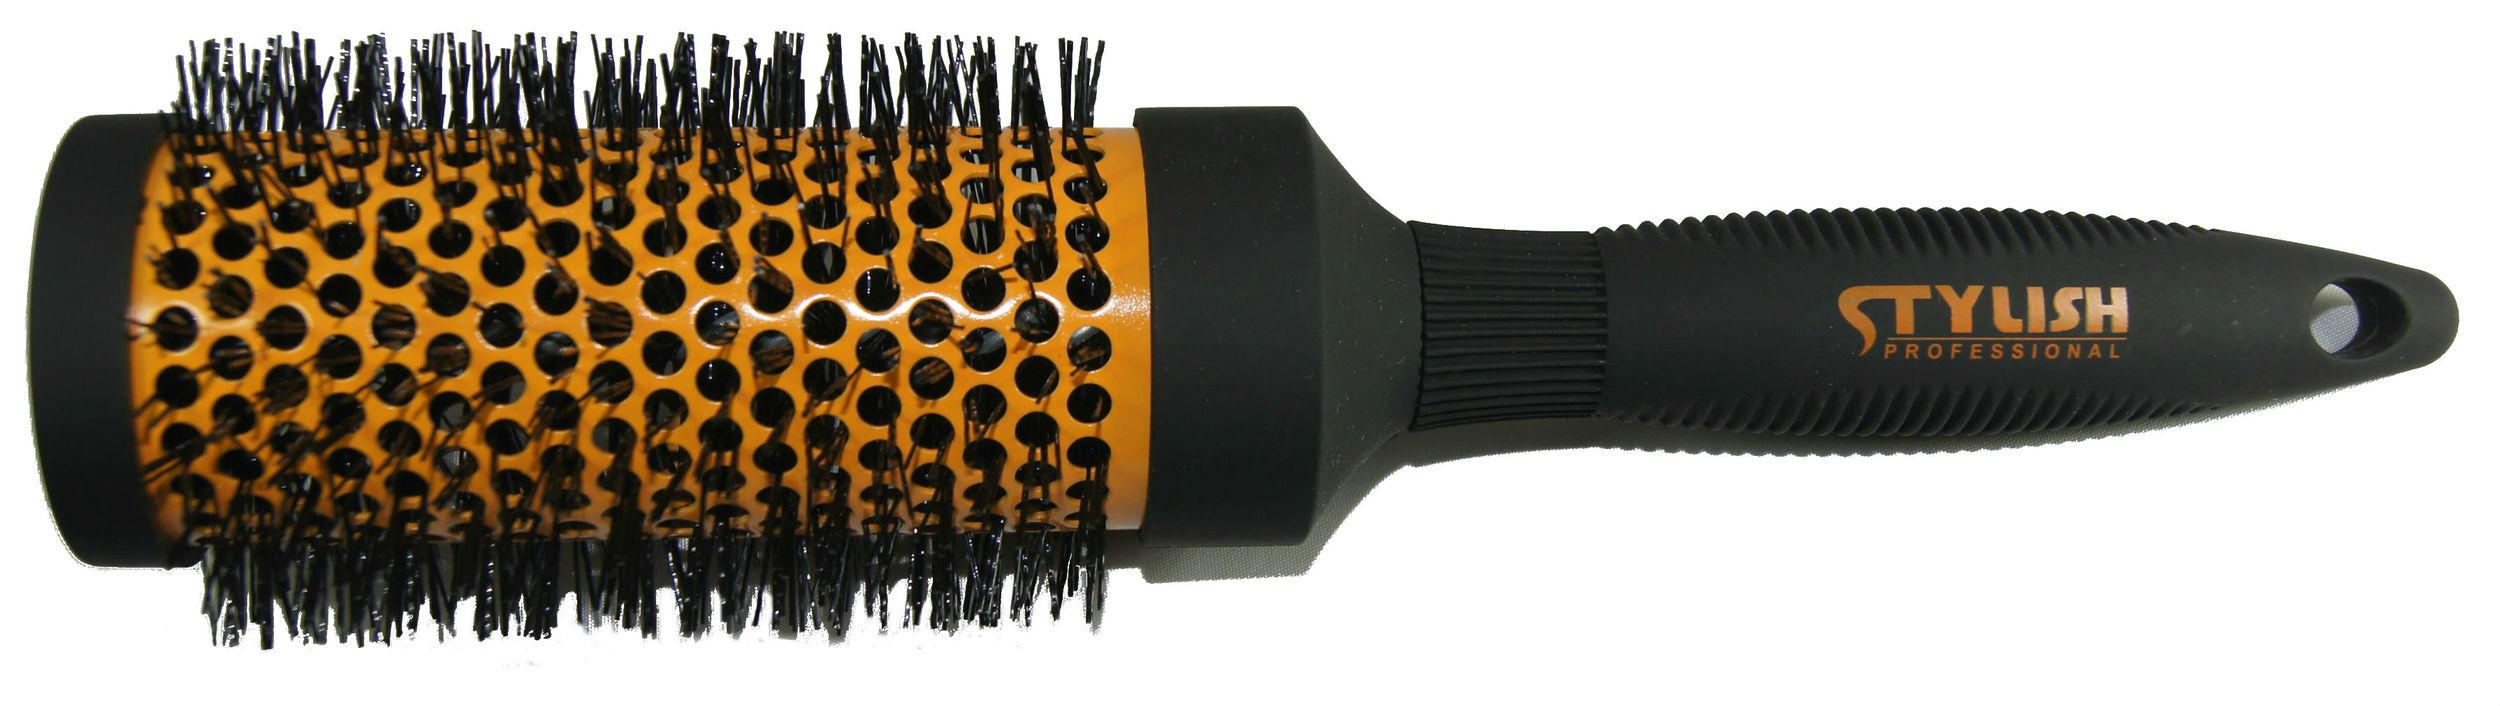 styling brushes